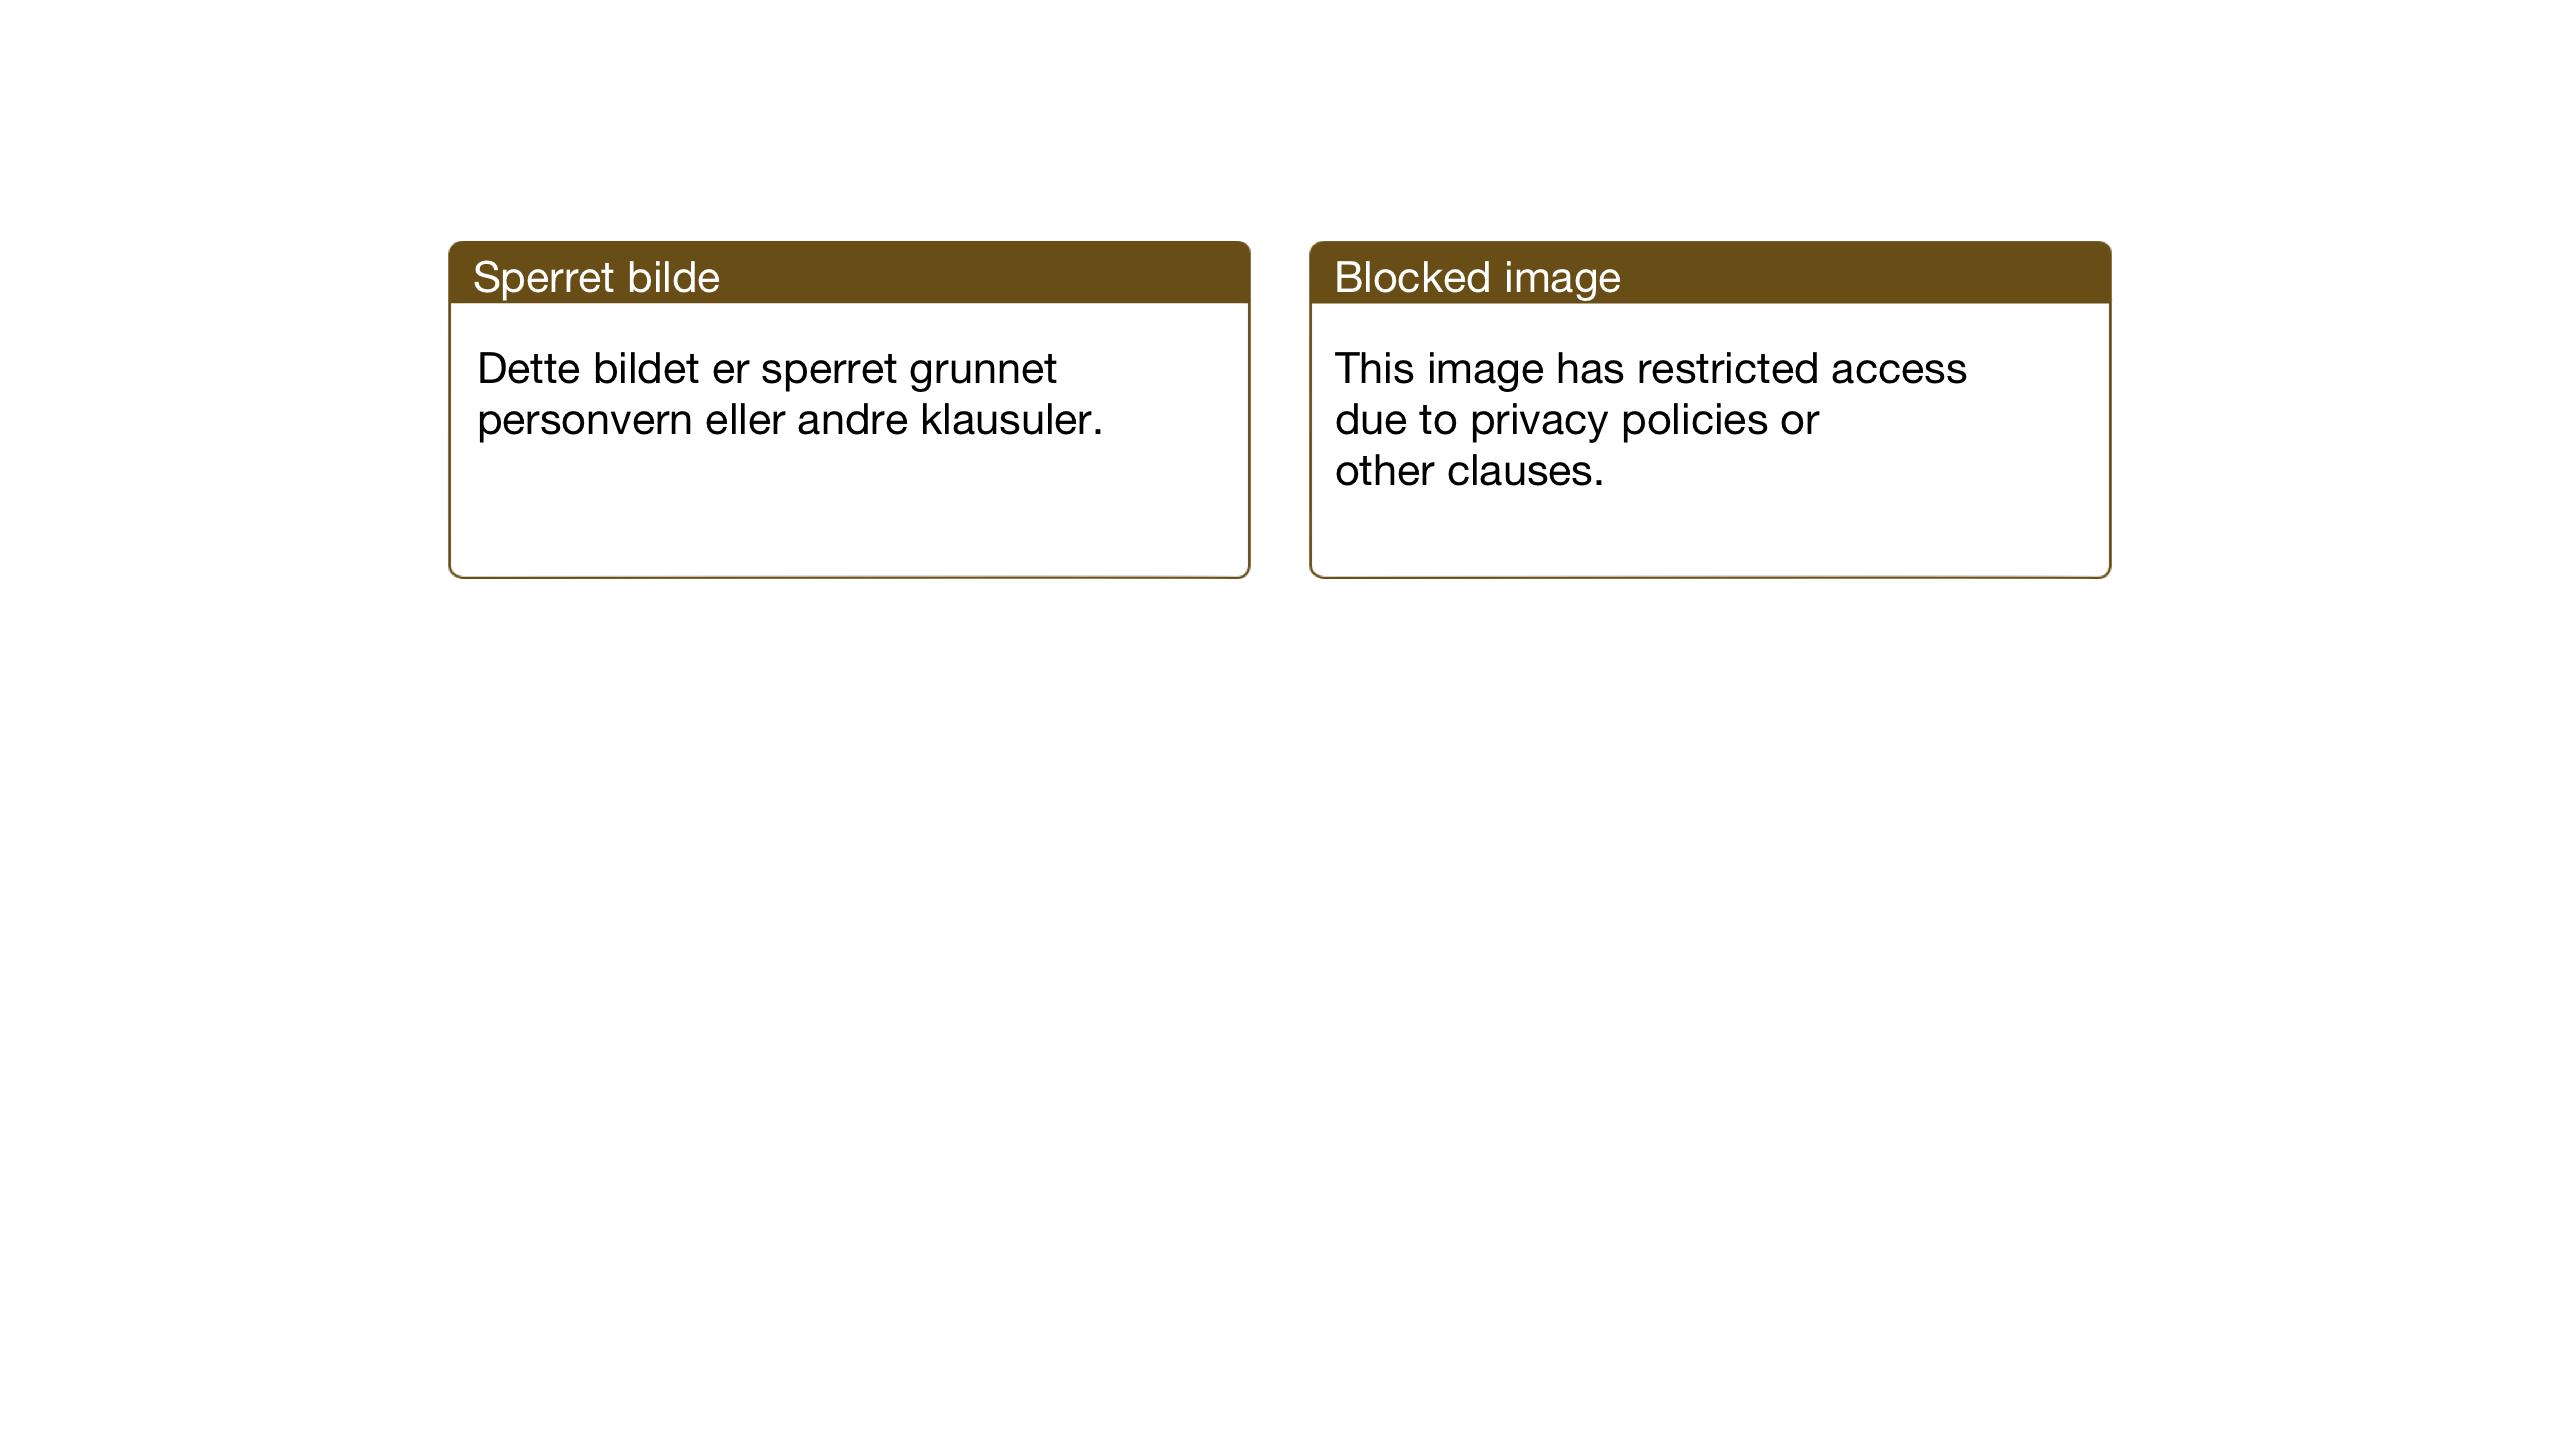 SAT, Ministerialprotokoller, klokkerbøker og fødselsregistre - Sør-Trøndelag, 605/L0248: Ministerialbok nr. 605A10, 1920-1937, s. 272